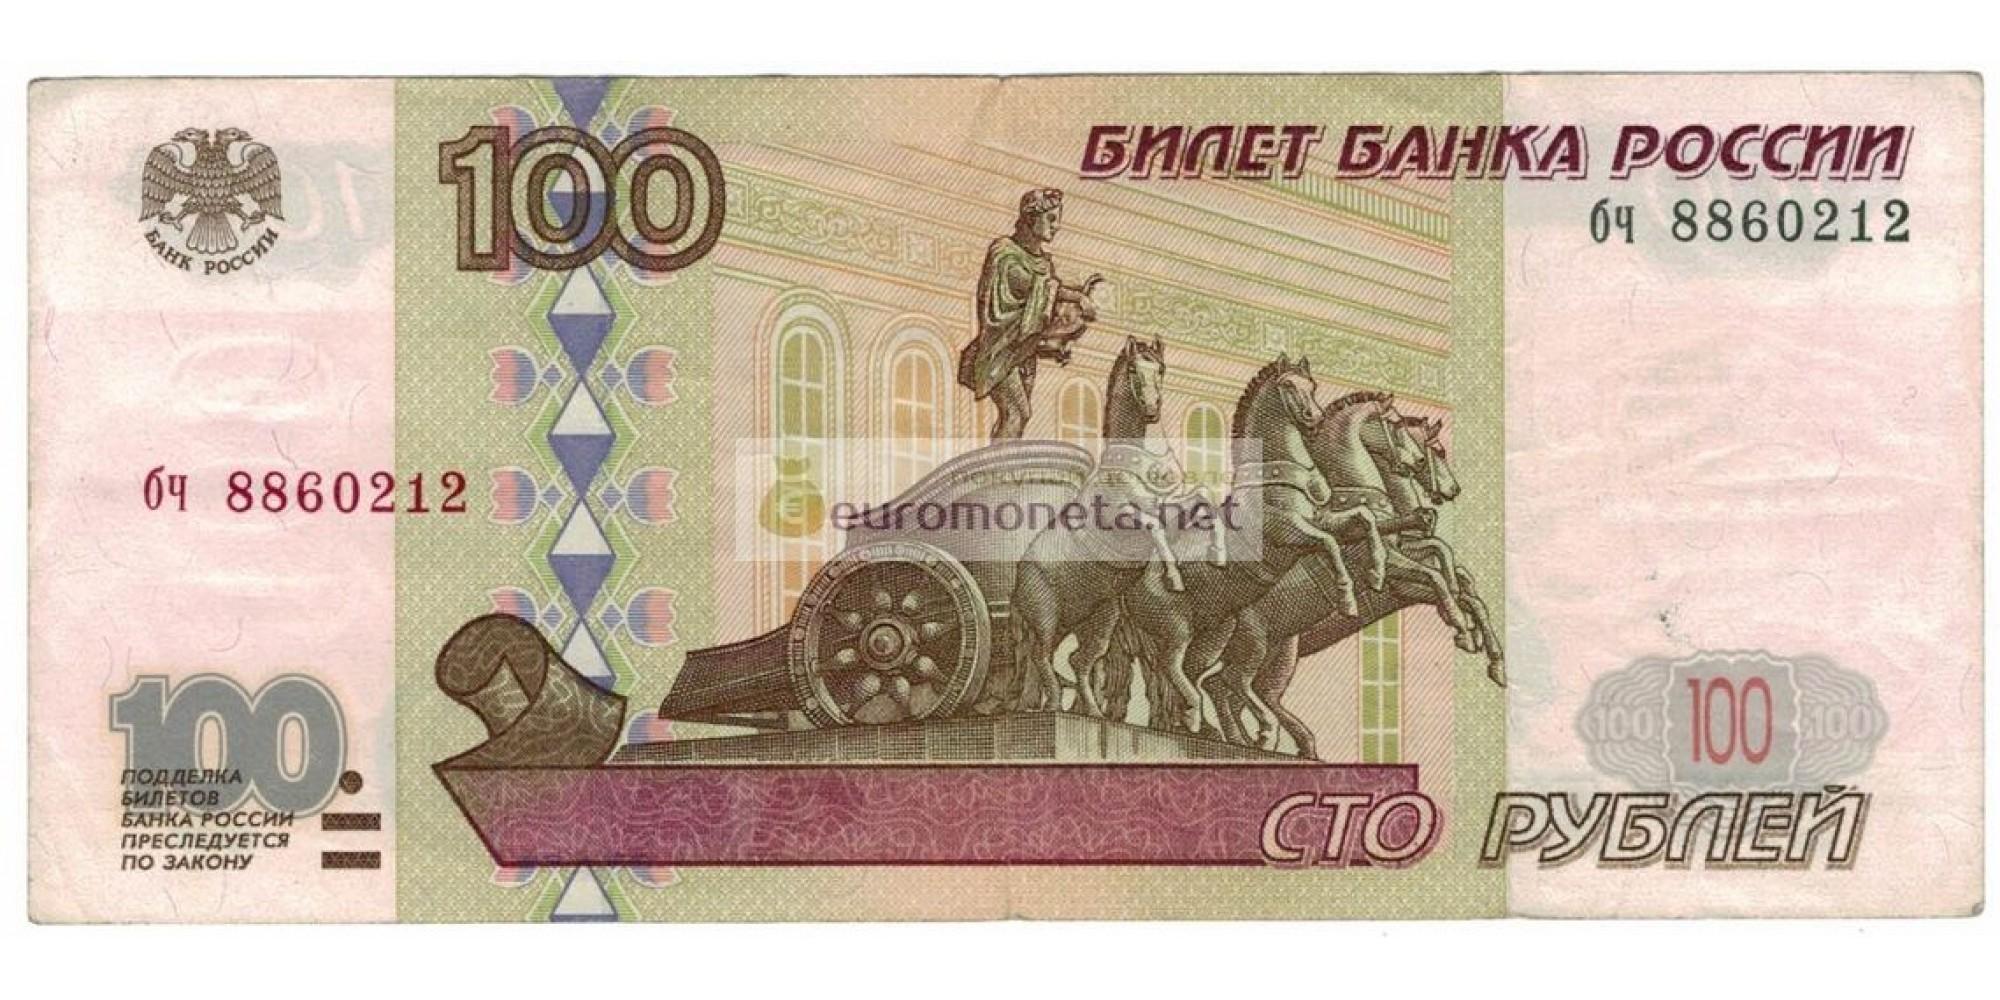 Россия 100 рублей 1997 год без модификации серия бч 8860212